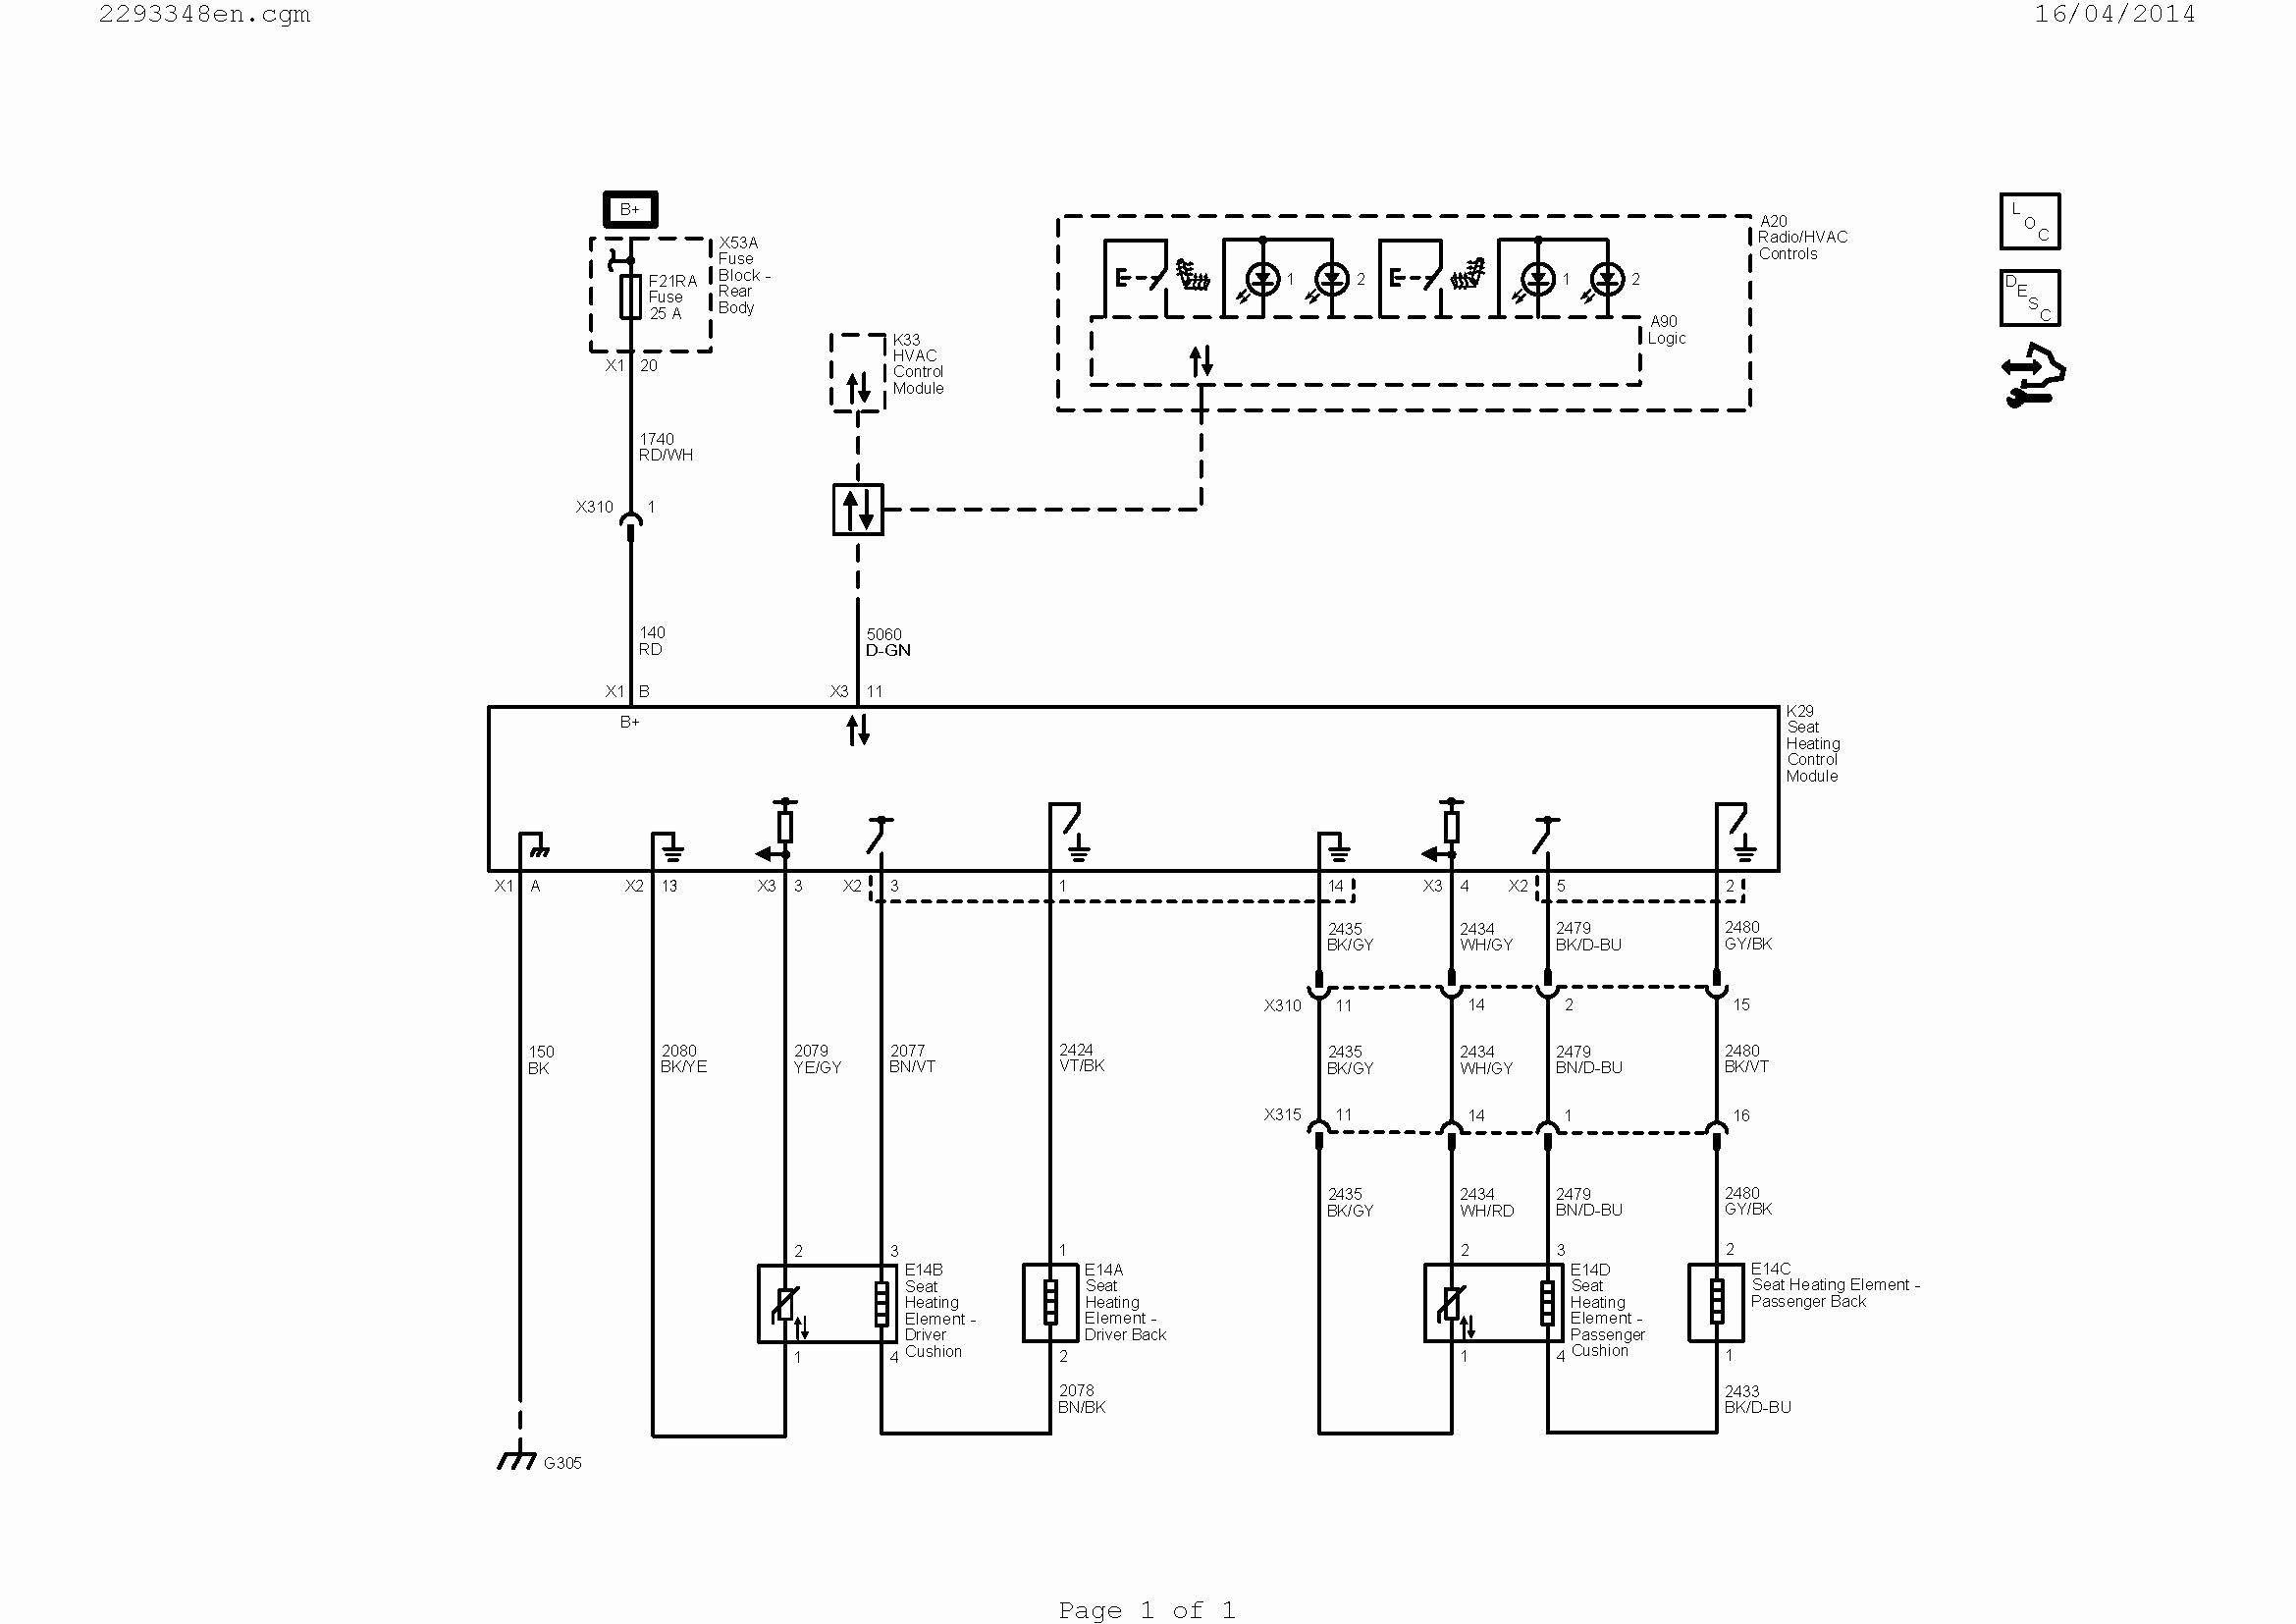 Basic Engine Diagram 60 Lovely Wiring Diagram for Gmc Trailer Plug Of Basic Engine Diagram